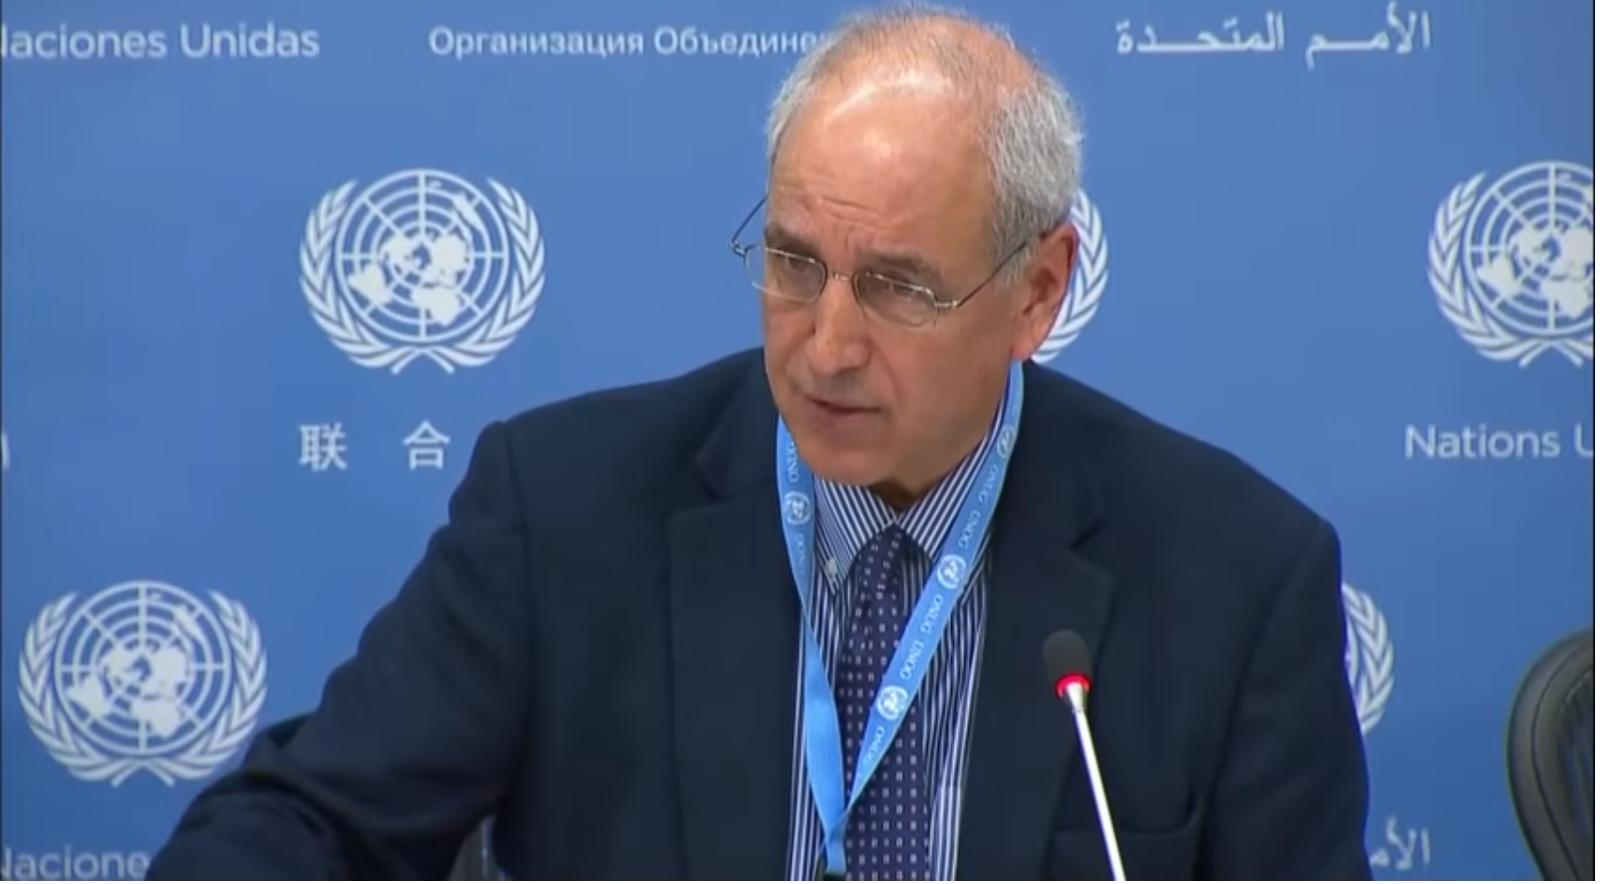 """[Vidéo] Le rapporteur de l'ONU demande instamment des sanctions contre Israël pour avoir """"renvoyé les Palestiniens à l'âge des ténèbres"""" (Mondoweiss)"""